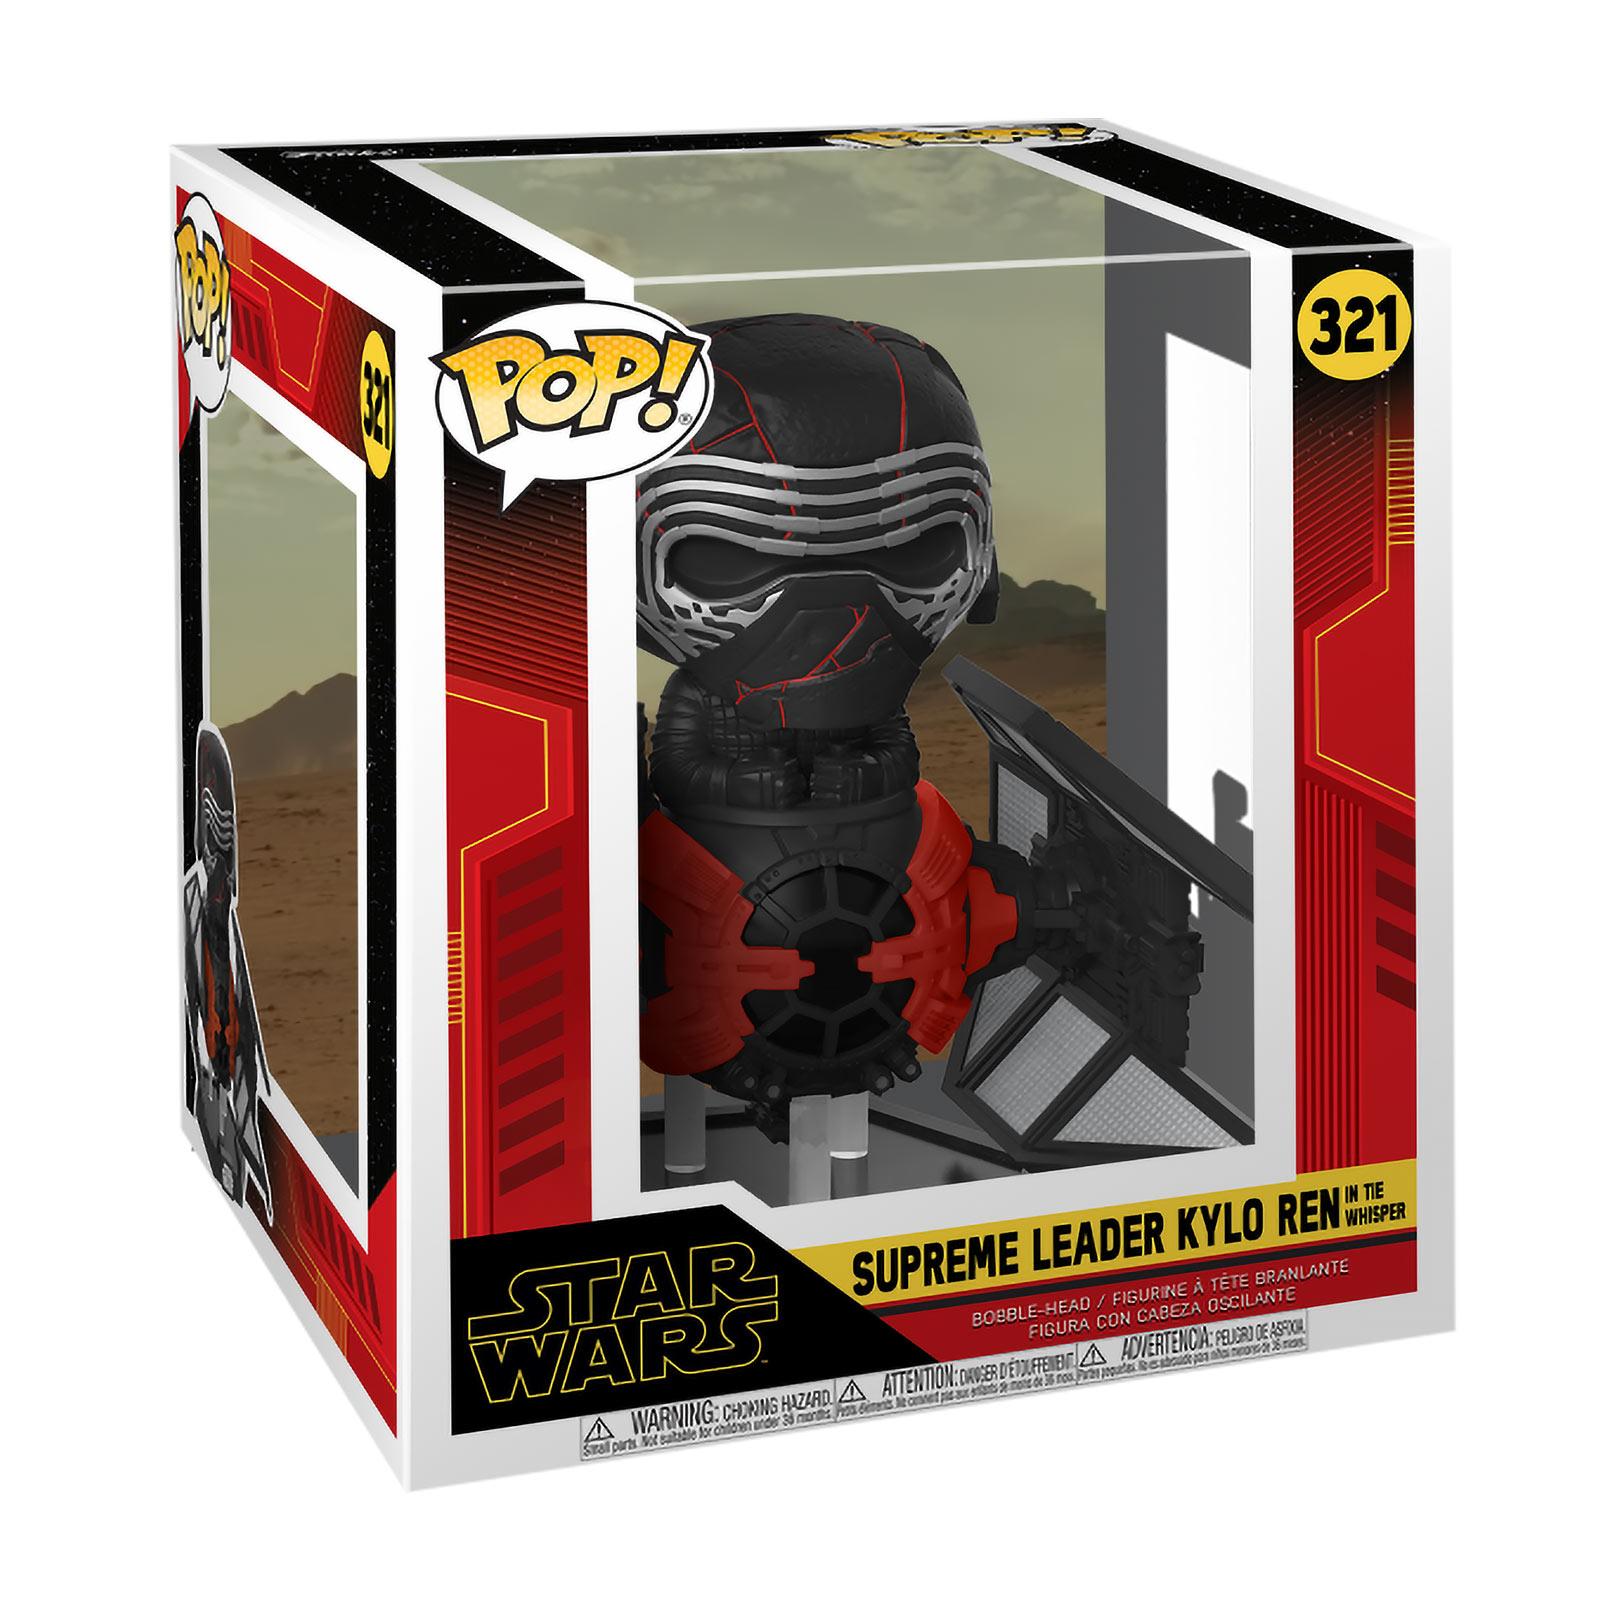 Star Wars - Kylo Ren in Tie Whisper Funko Pop Wackelkopf-Figur